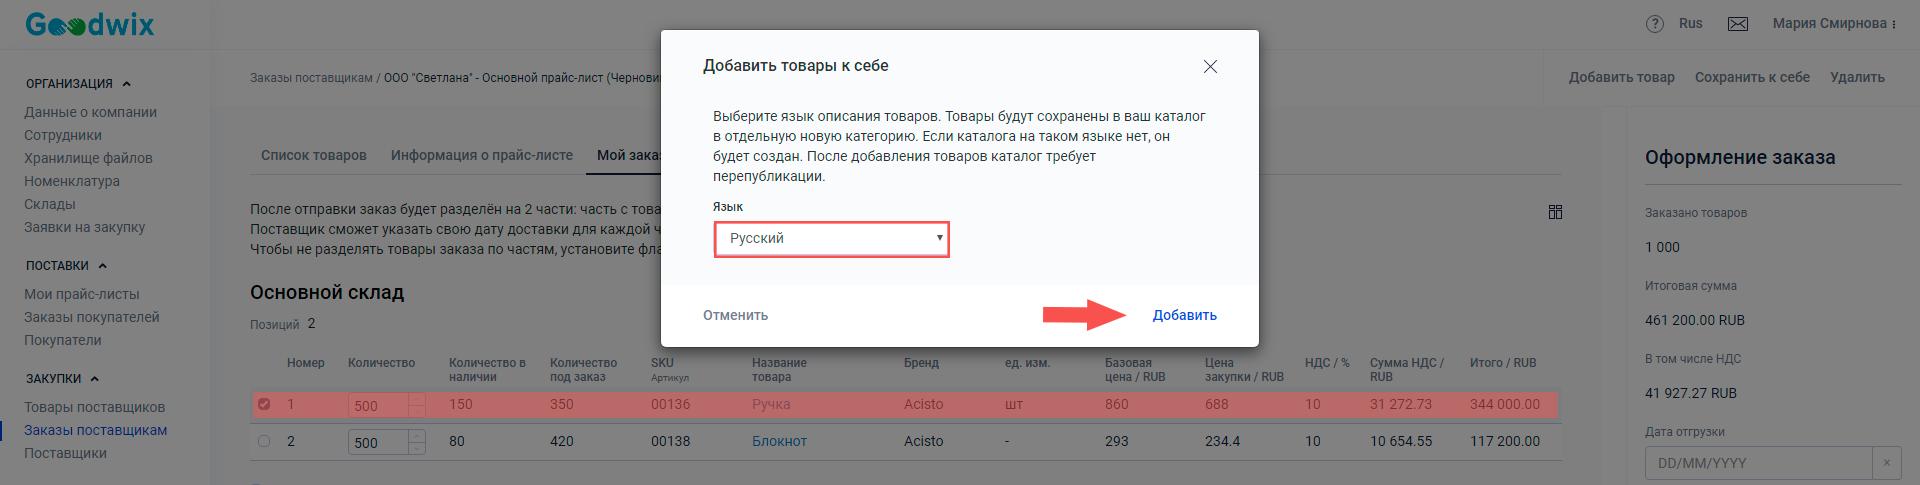 Руководство по созданию прайс-листа, добавление товаров поставщика в свой каталог